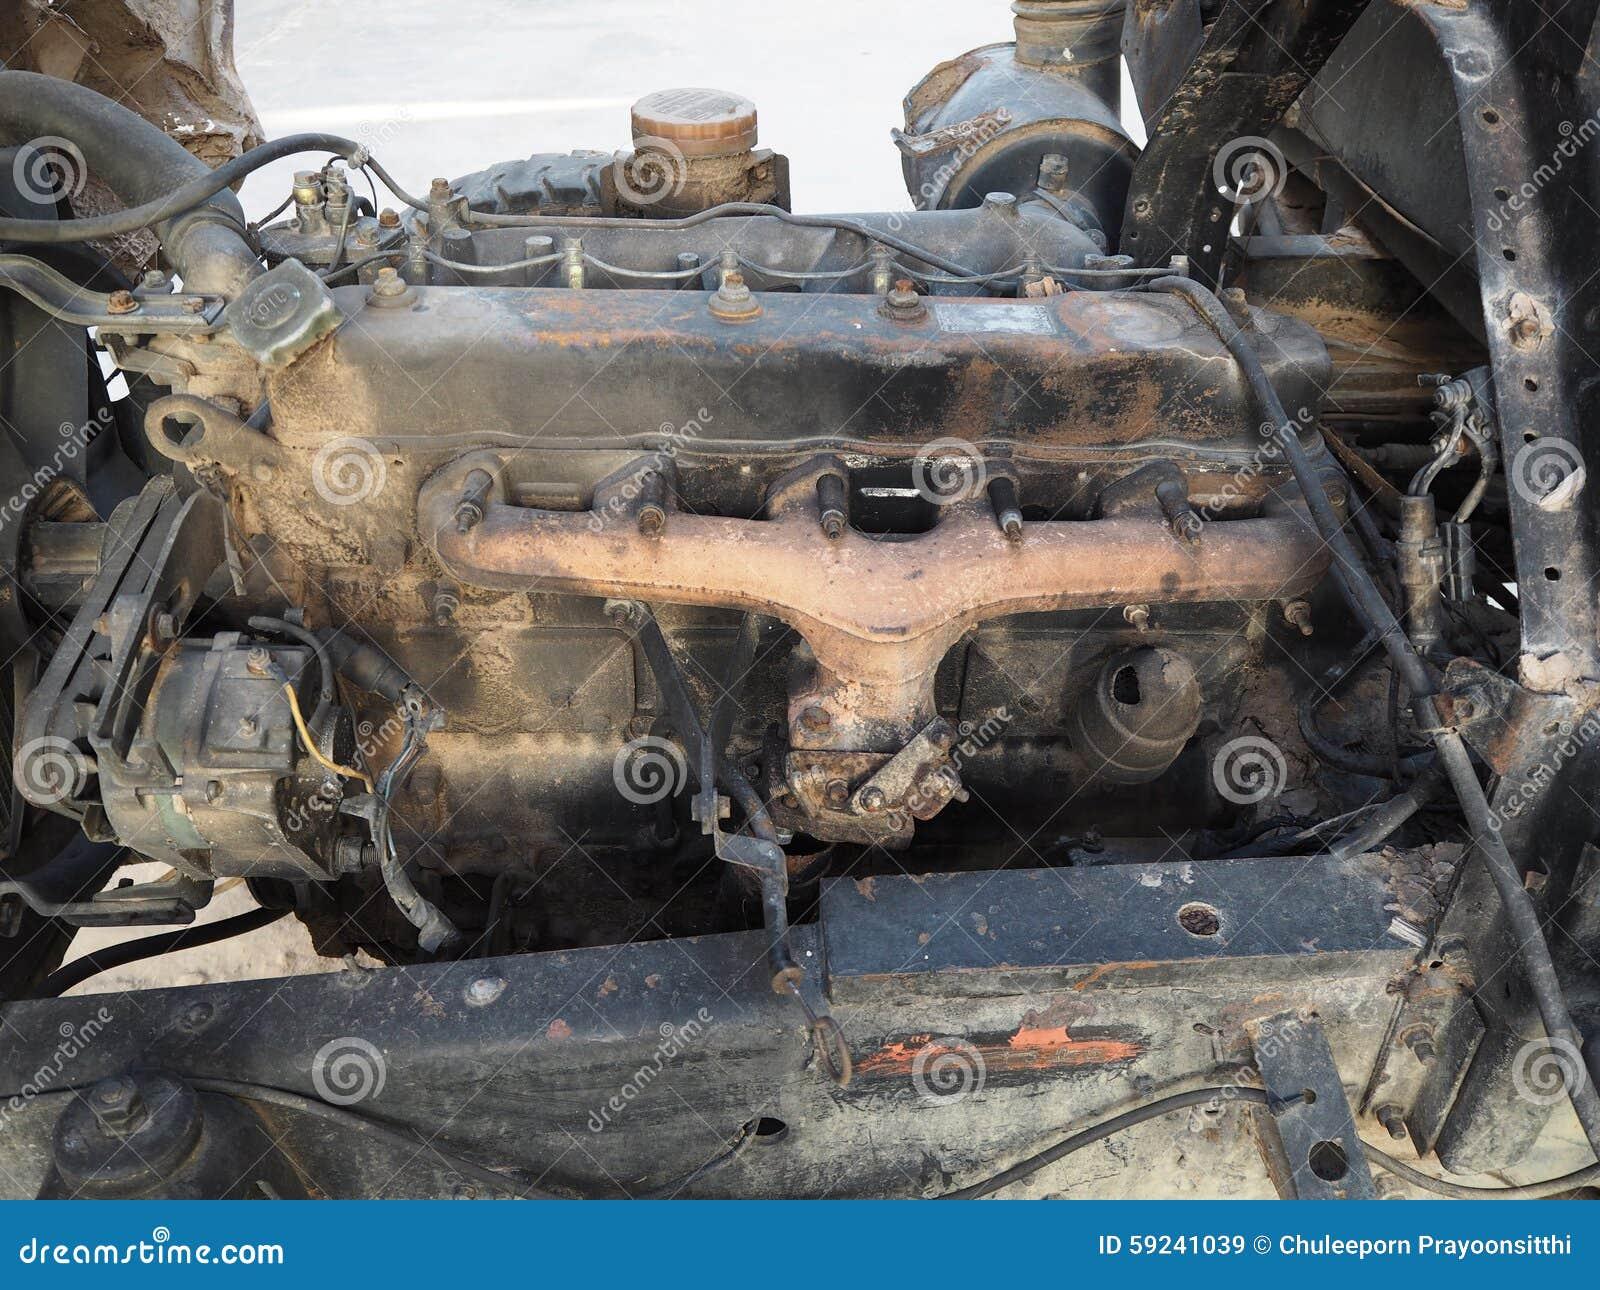 Download Motor del carro imagen de archivo. Imagen de tecnología - 59241039